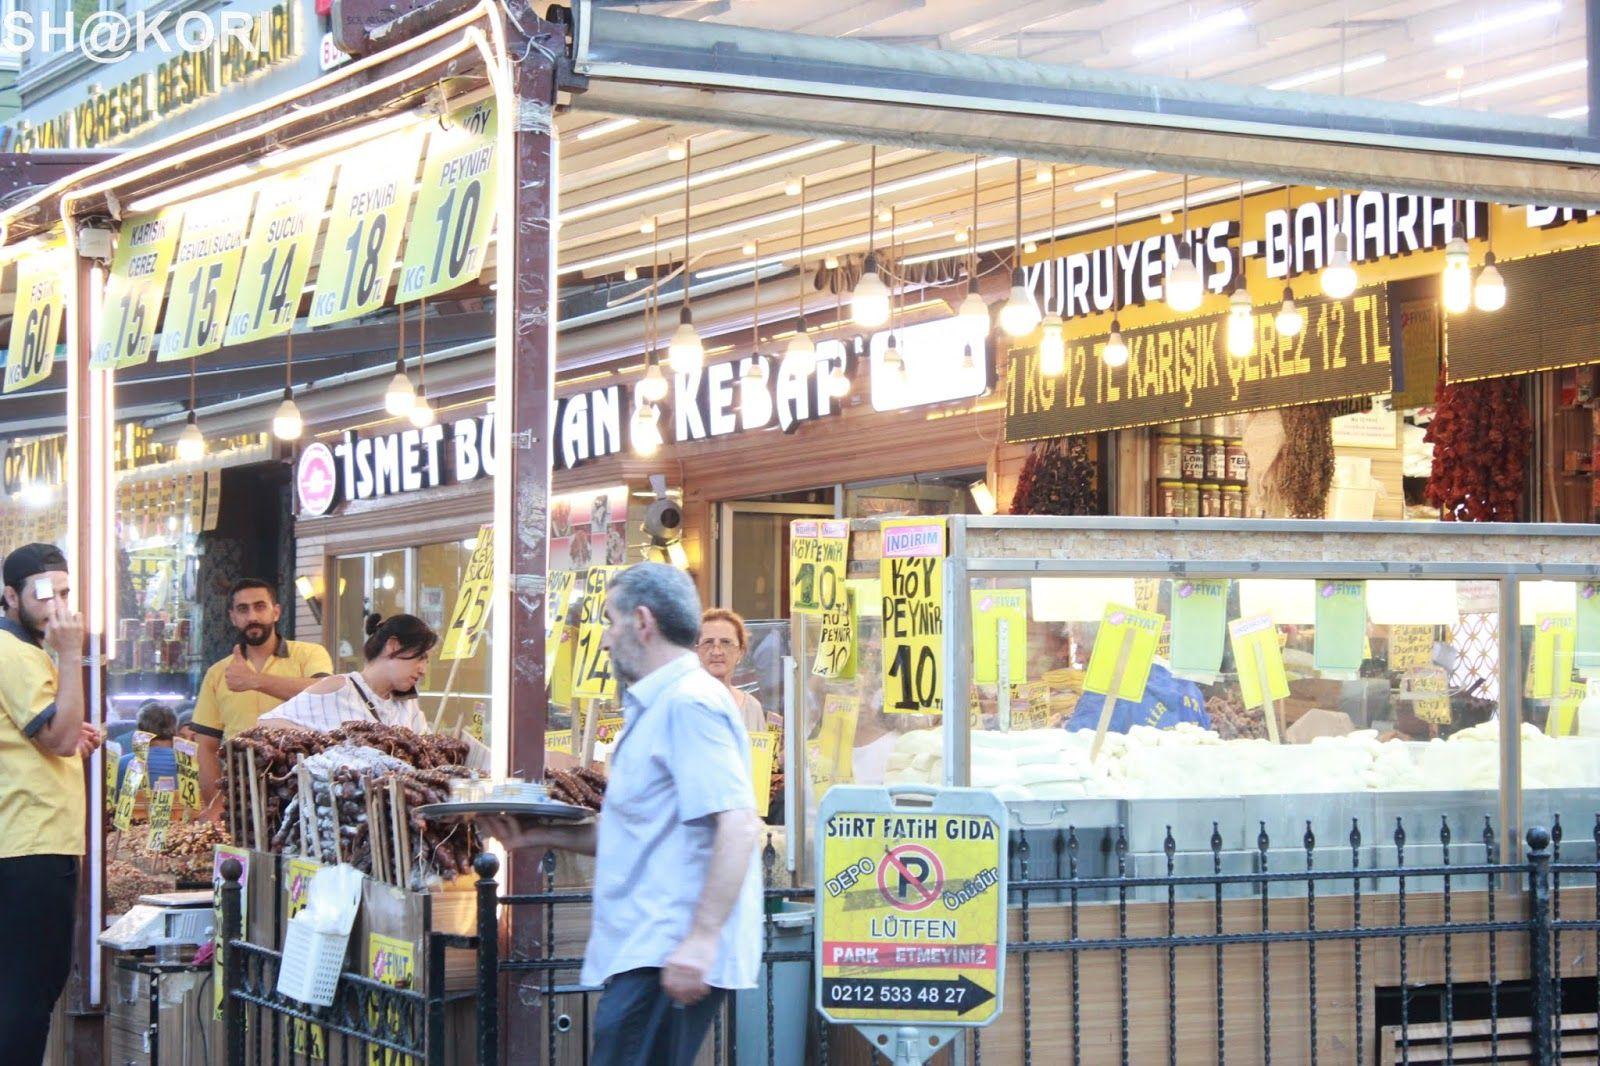 شاكر العزاوي شارع الاطفائيه بالقرب من قناطر استنبول Broadway Shows Street View Scenes